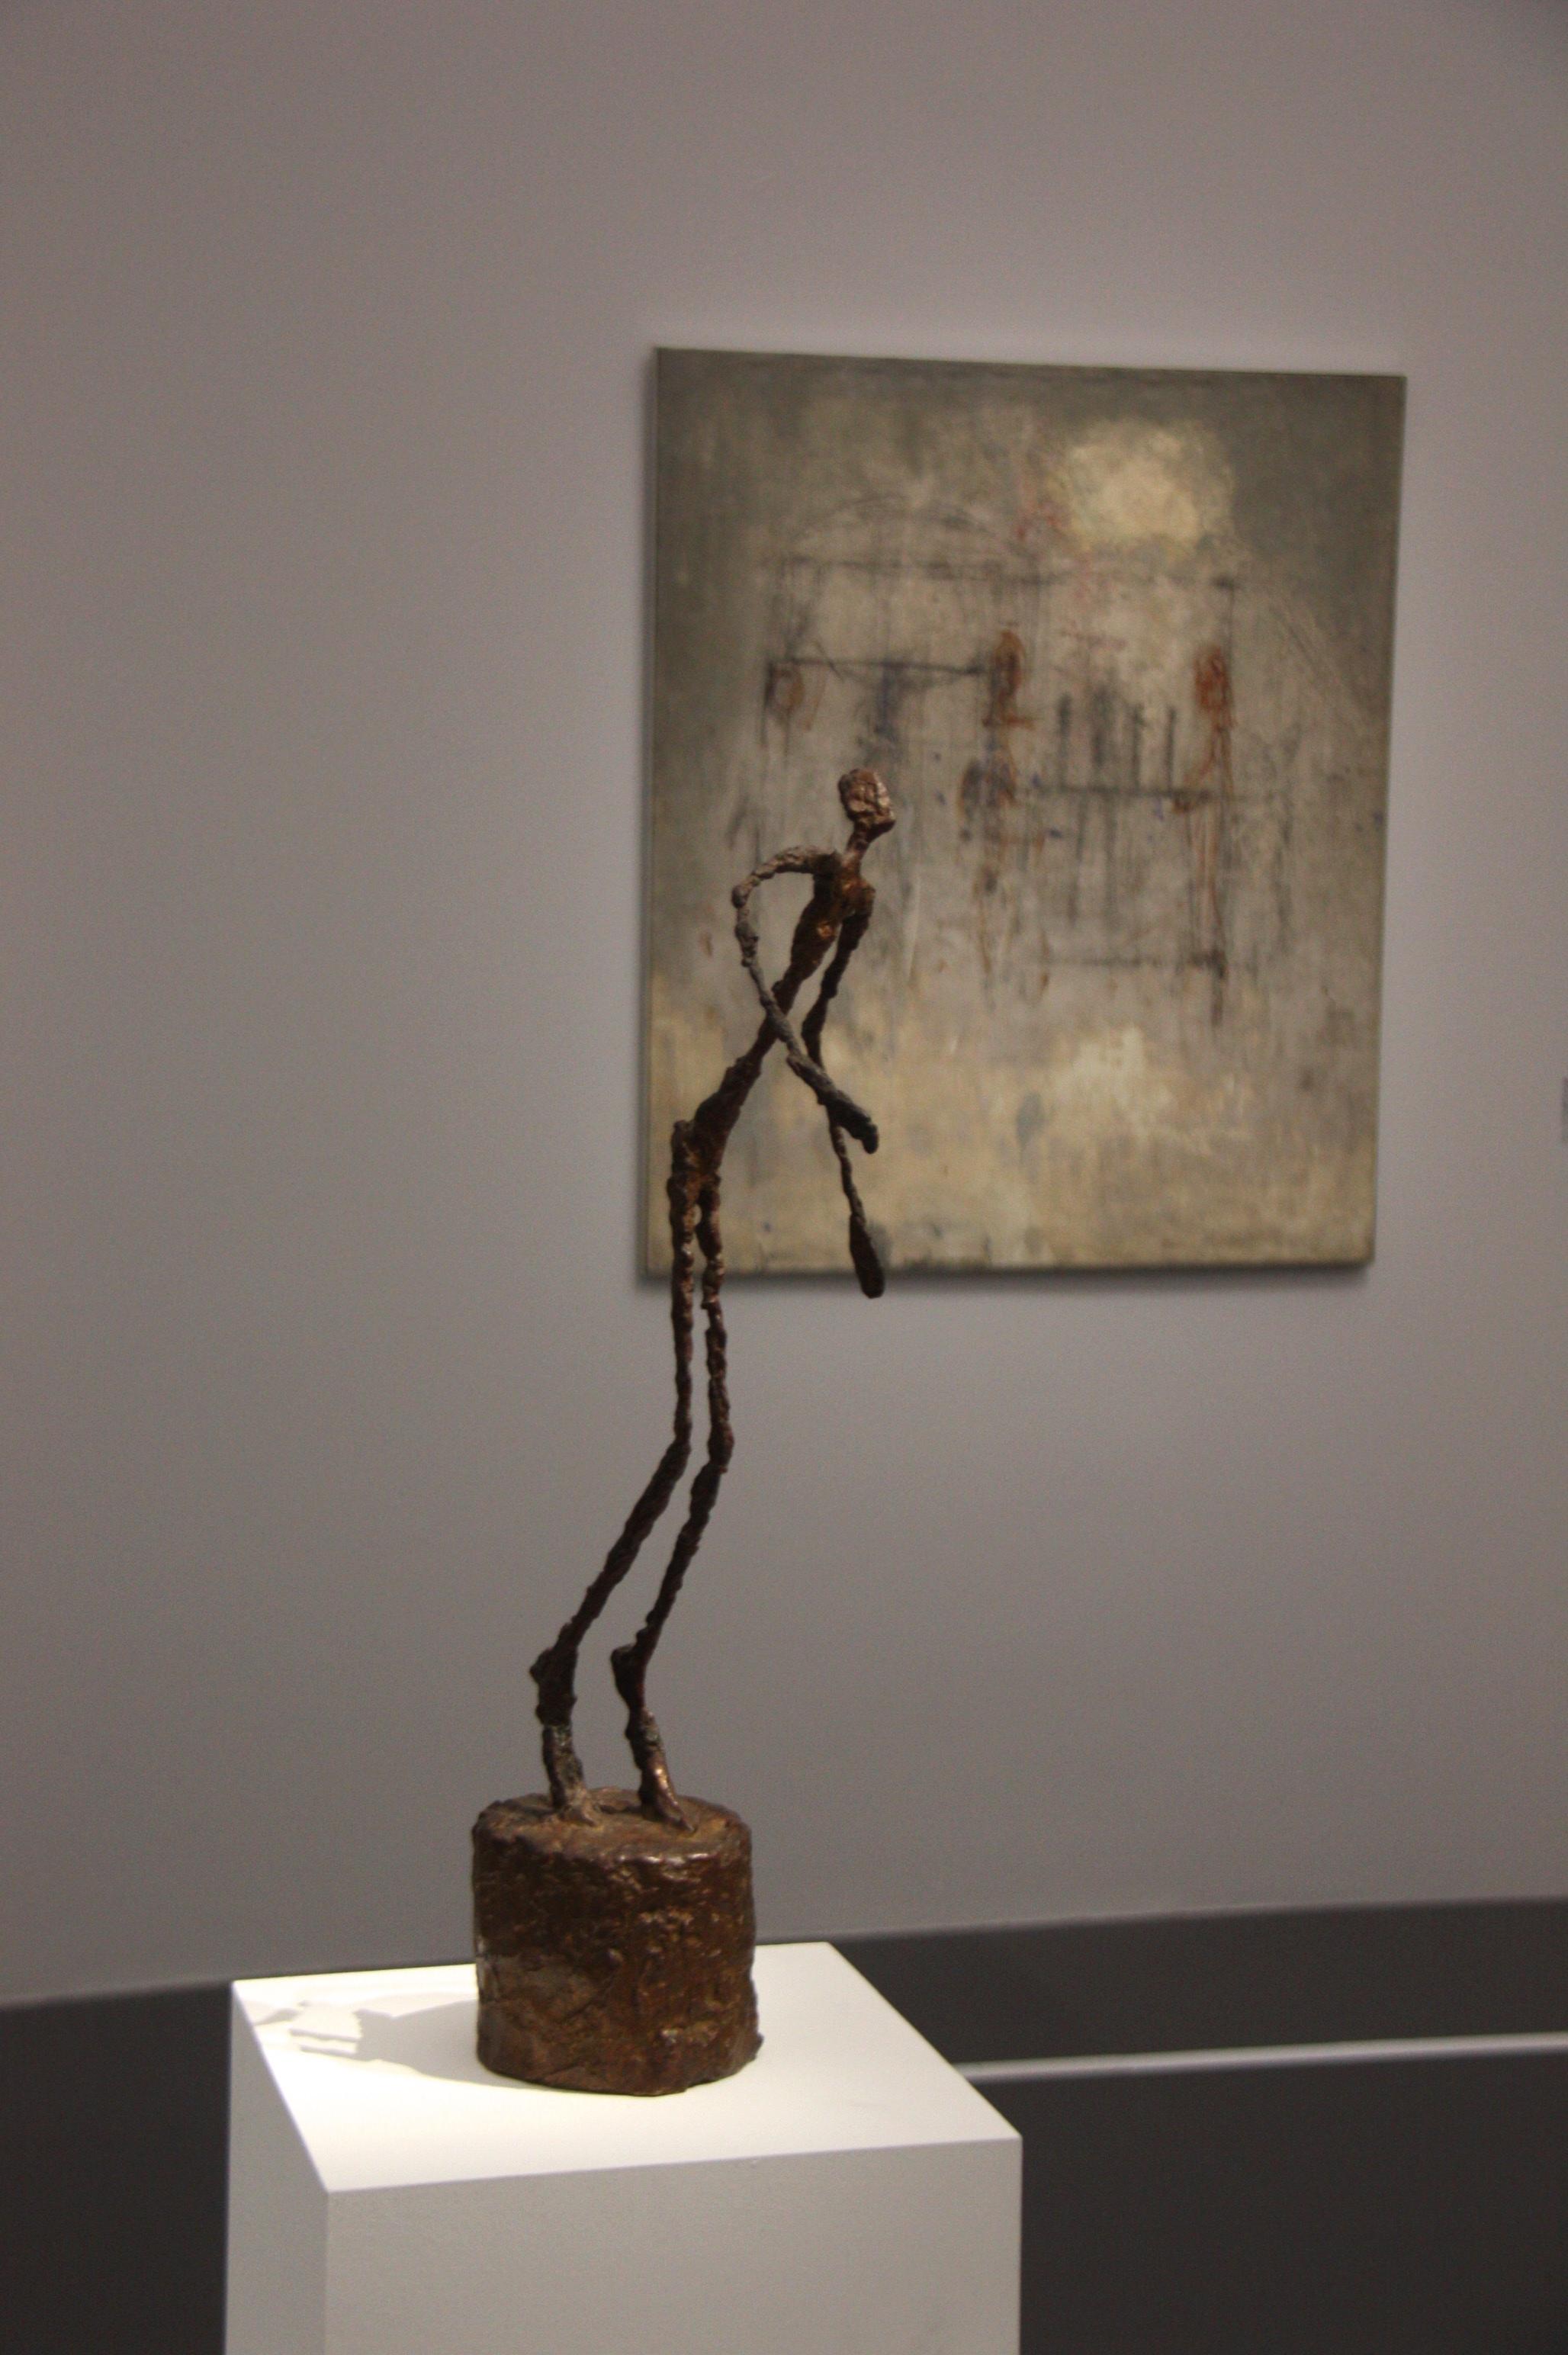 Alberto Giacometti, l'homme qui chavire, 1950, exposition leiris, centre pompidou-metz